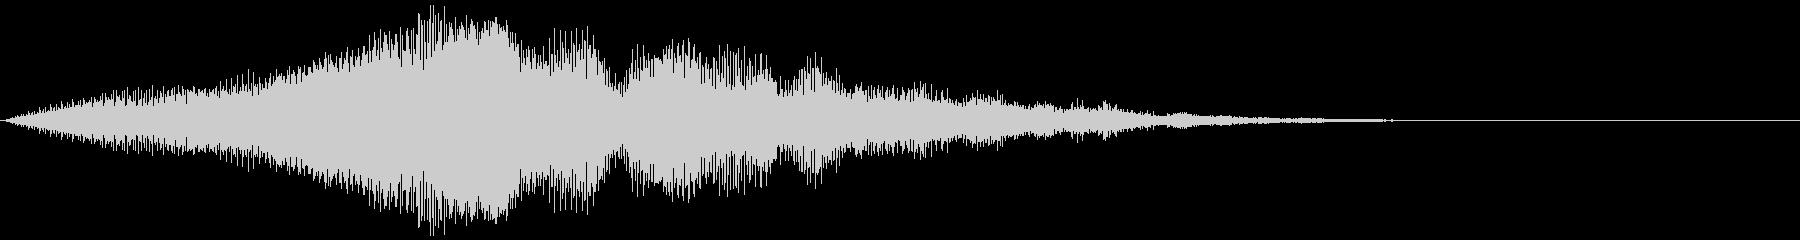 【アンビエント】パッド音_01の未再生の波形